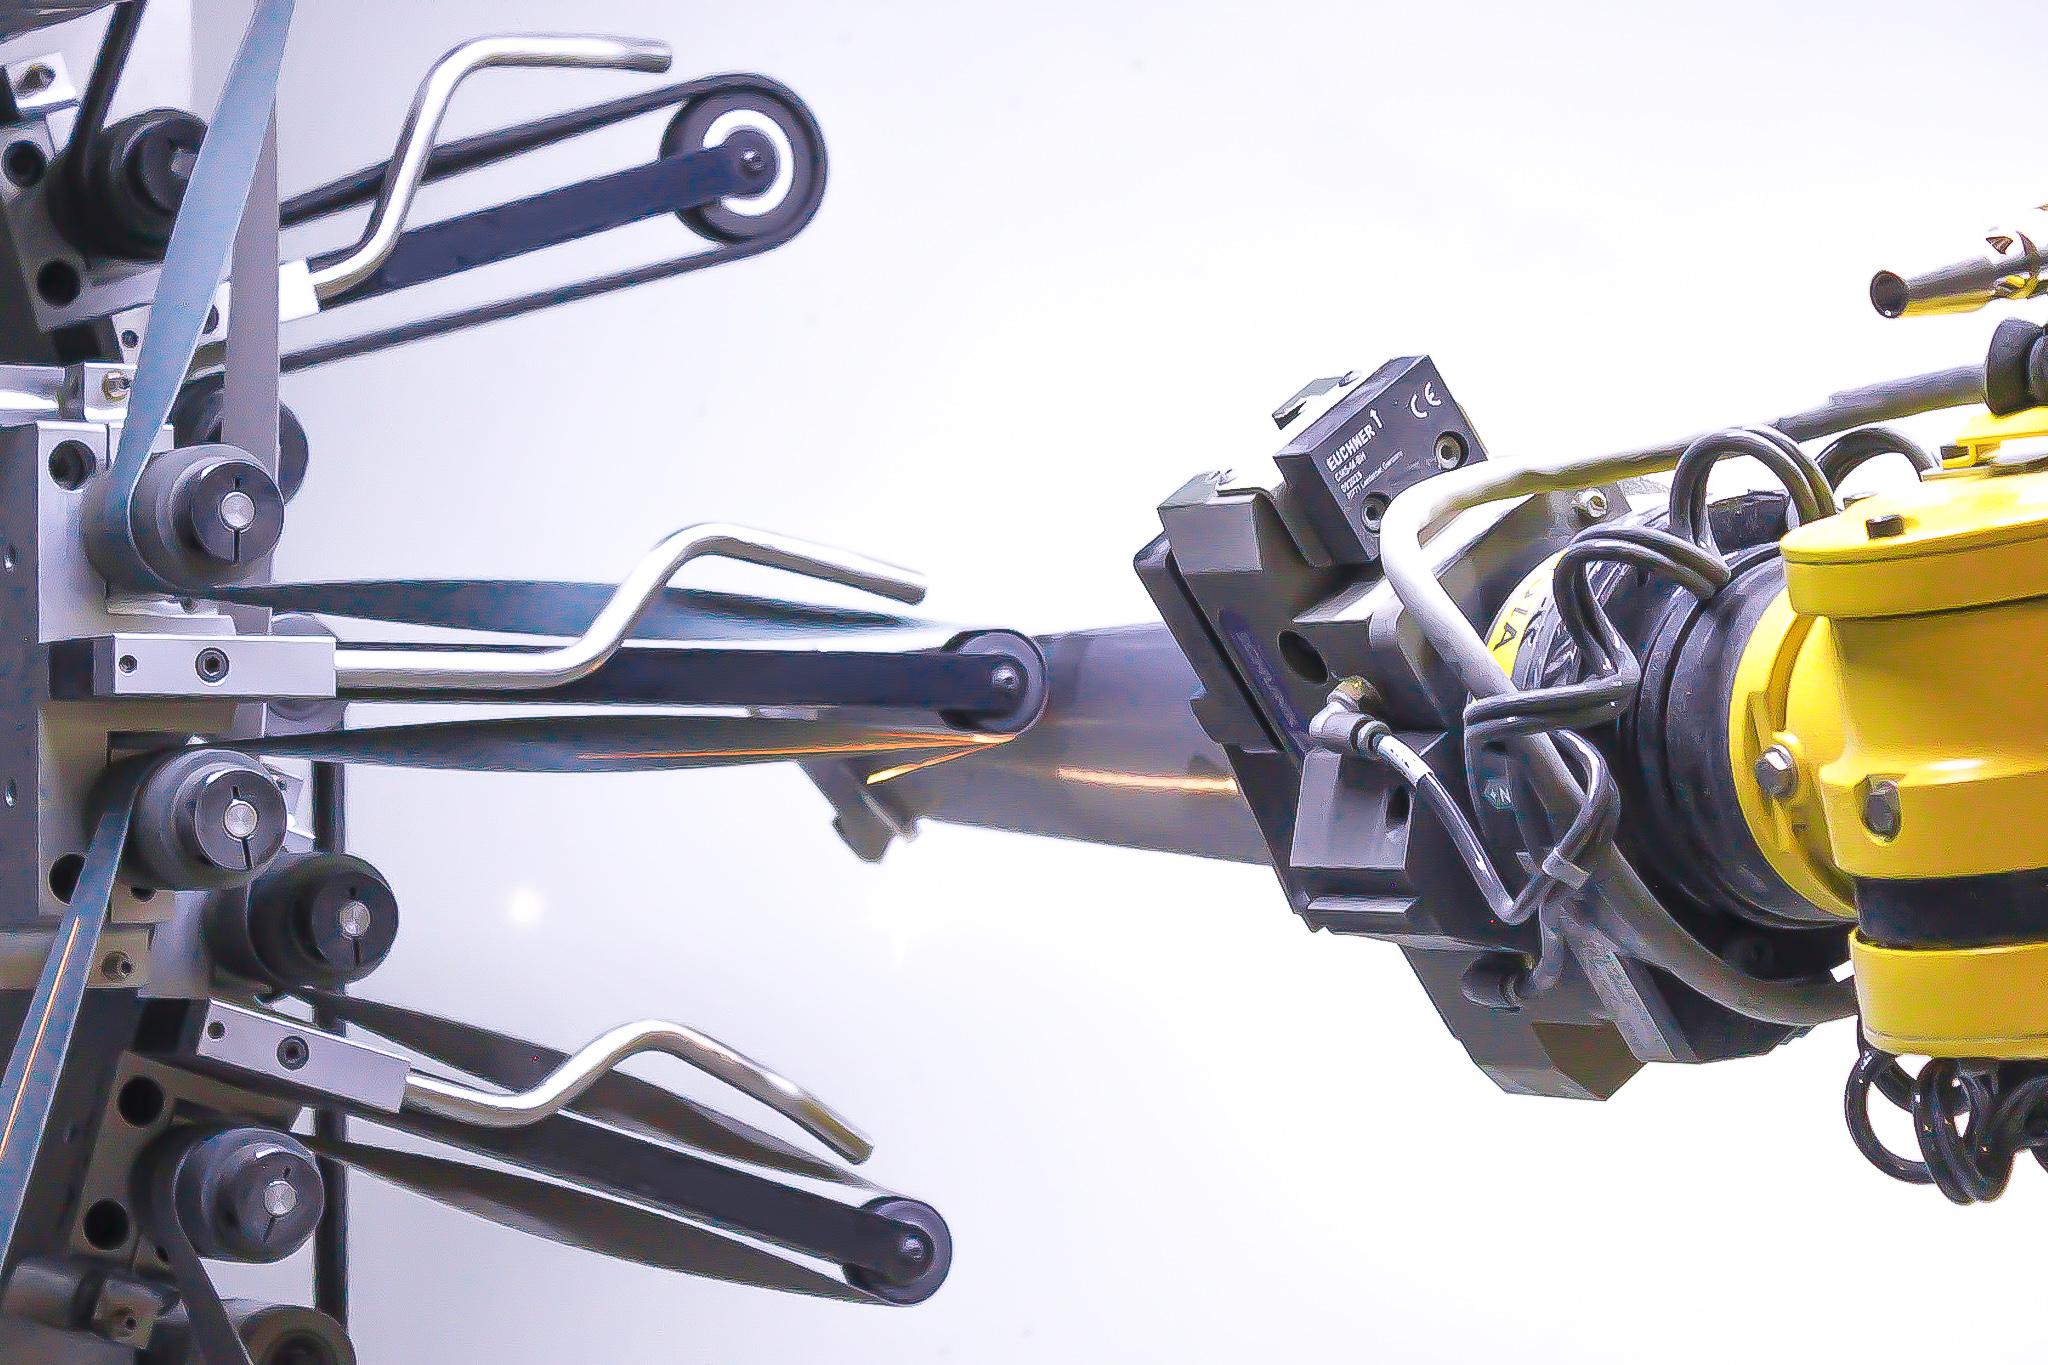 AV&R's Robotic Polishing Systems